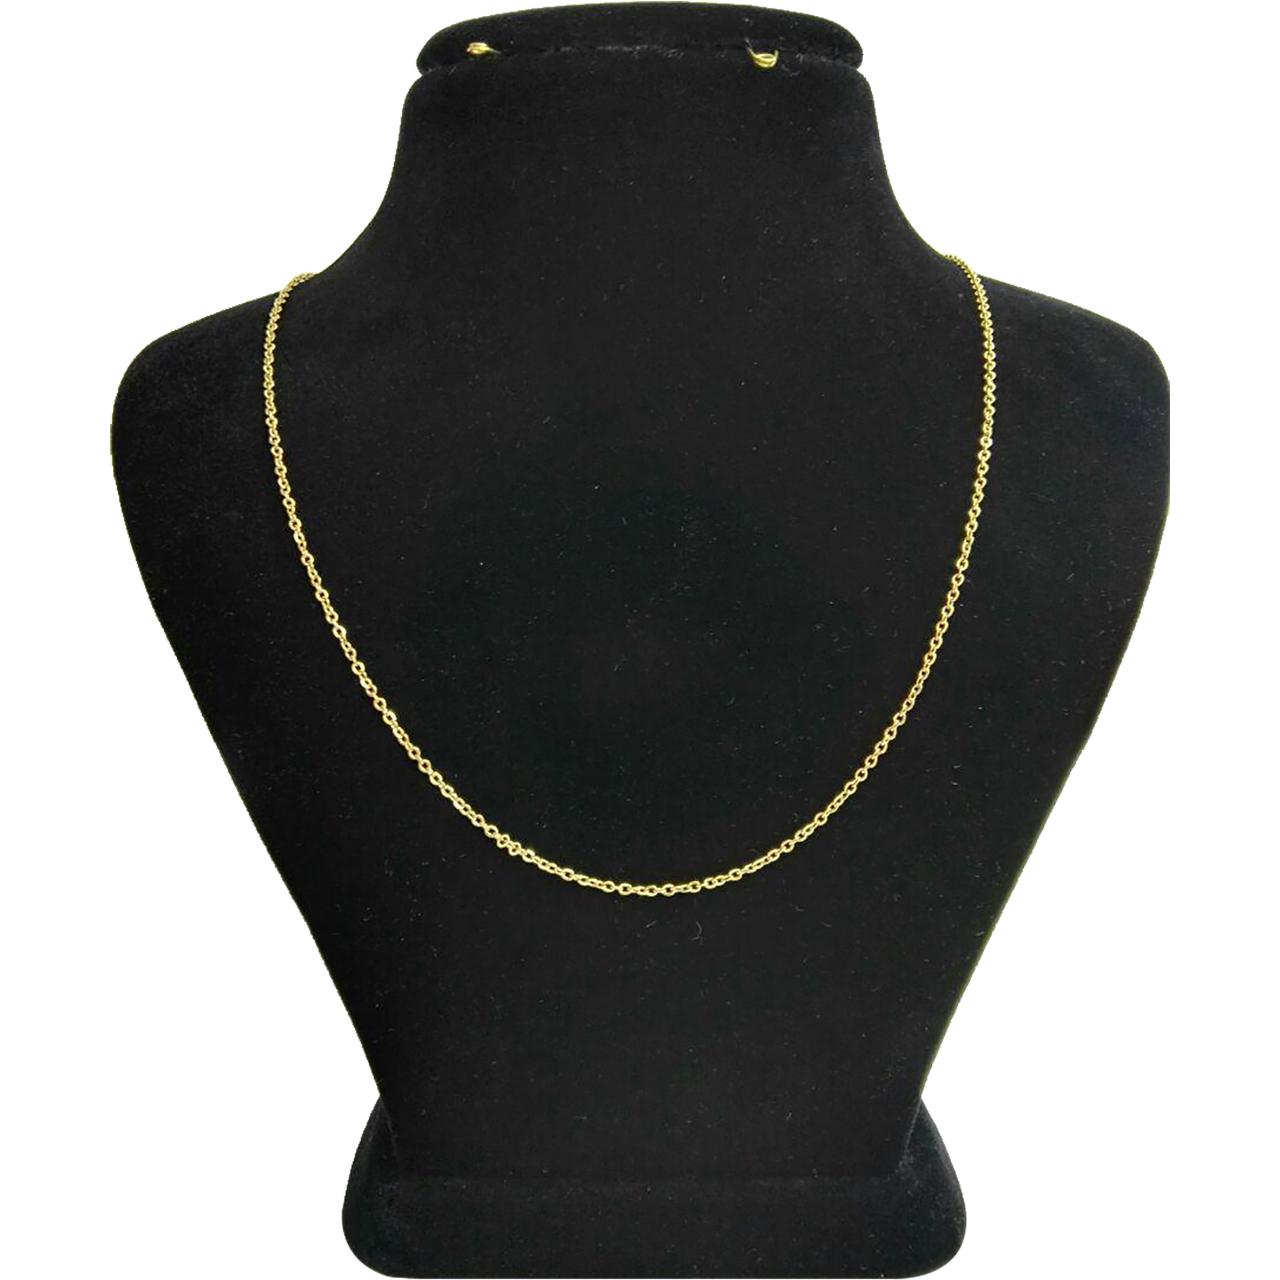 قیمت زنجیر طرح حلقه ای کد 492